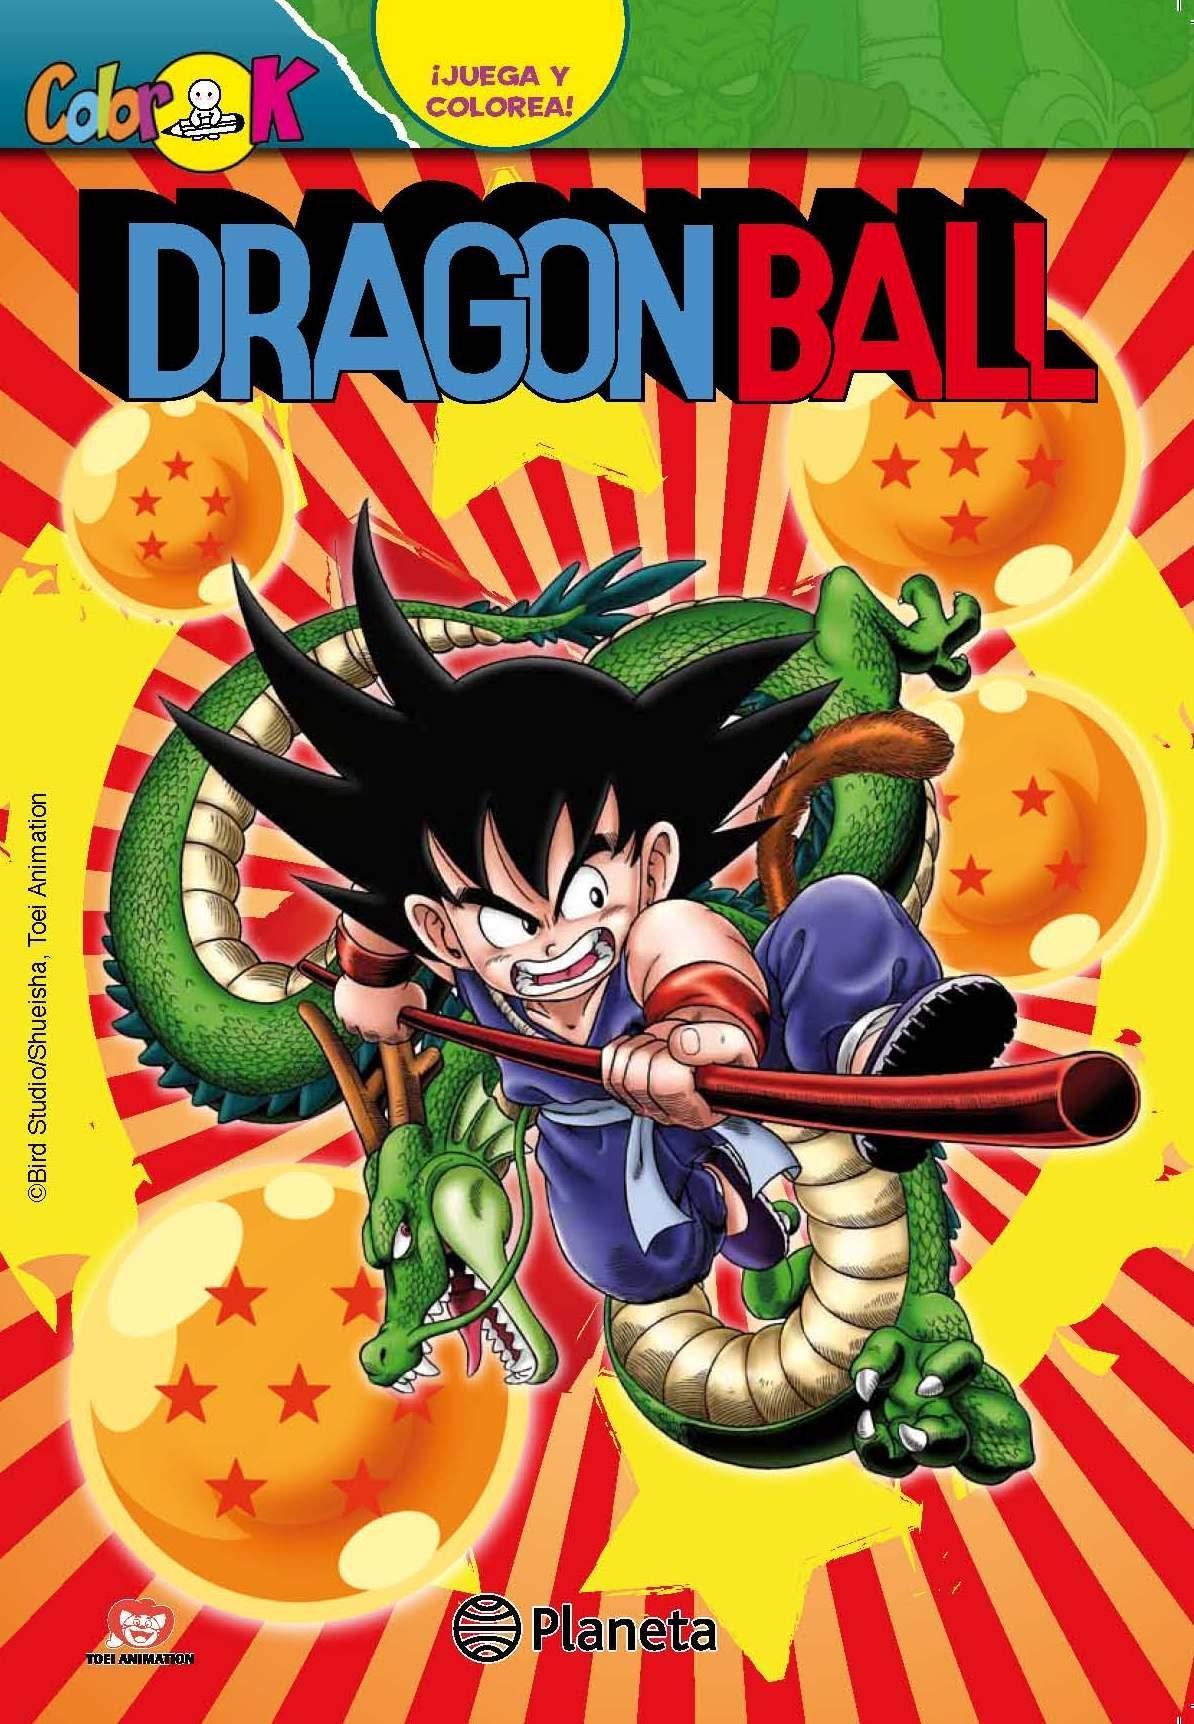 DRAGON BALL COLOR K | AKIRA TORIYAMA | Comprar libro 9788415866794